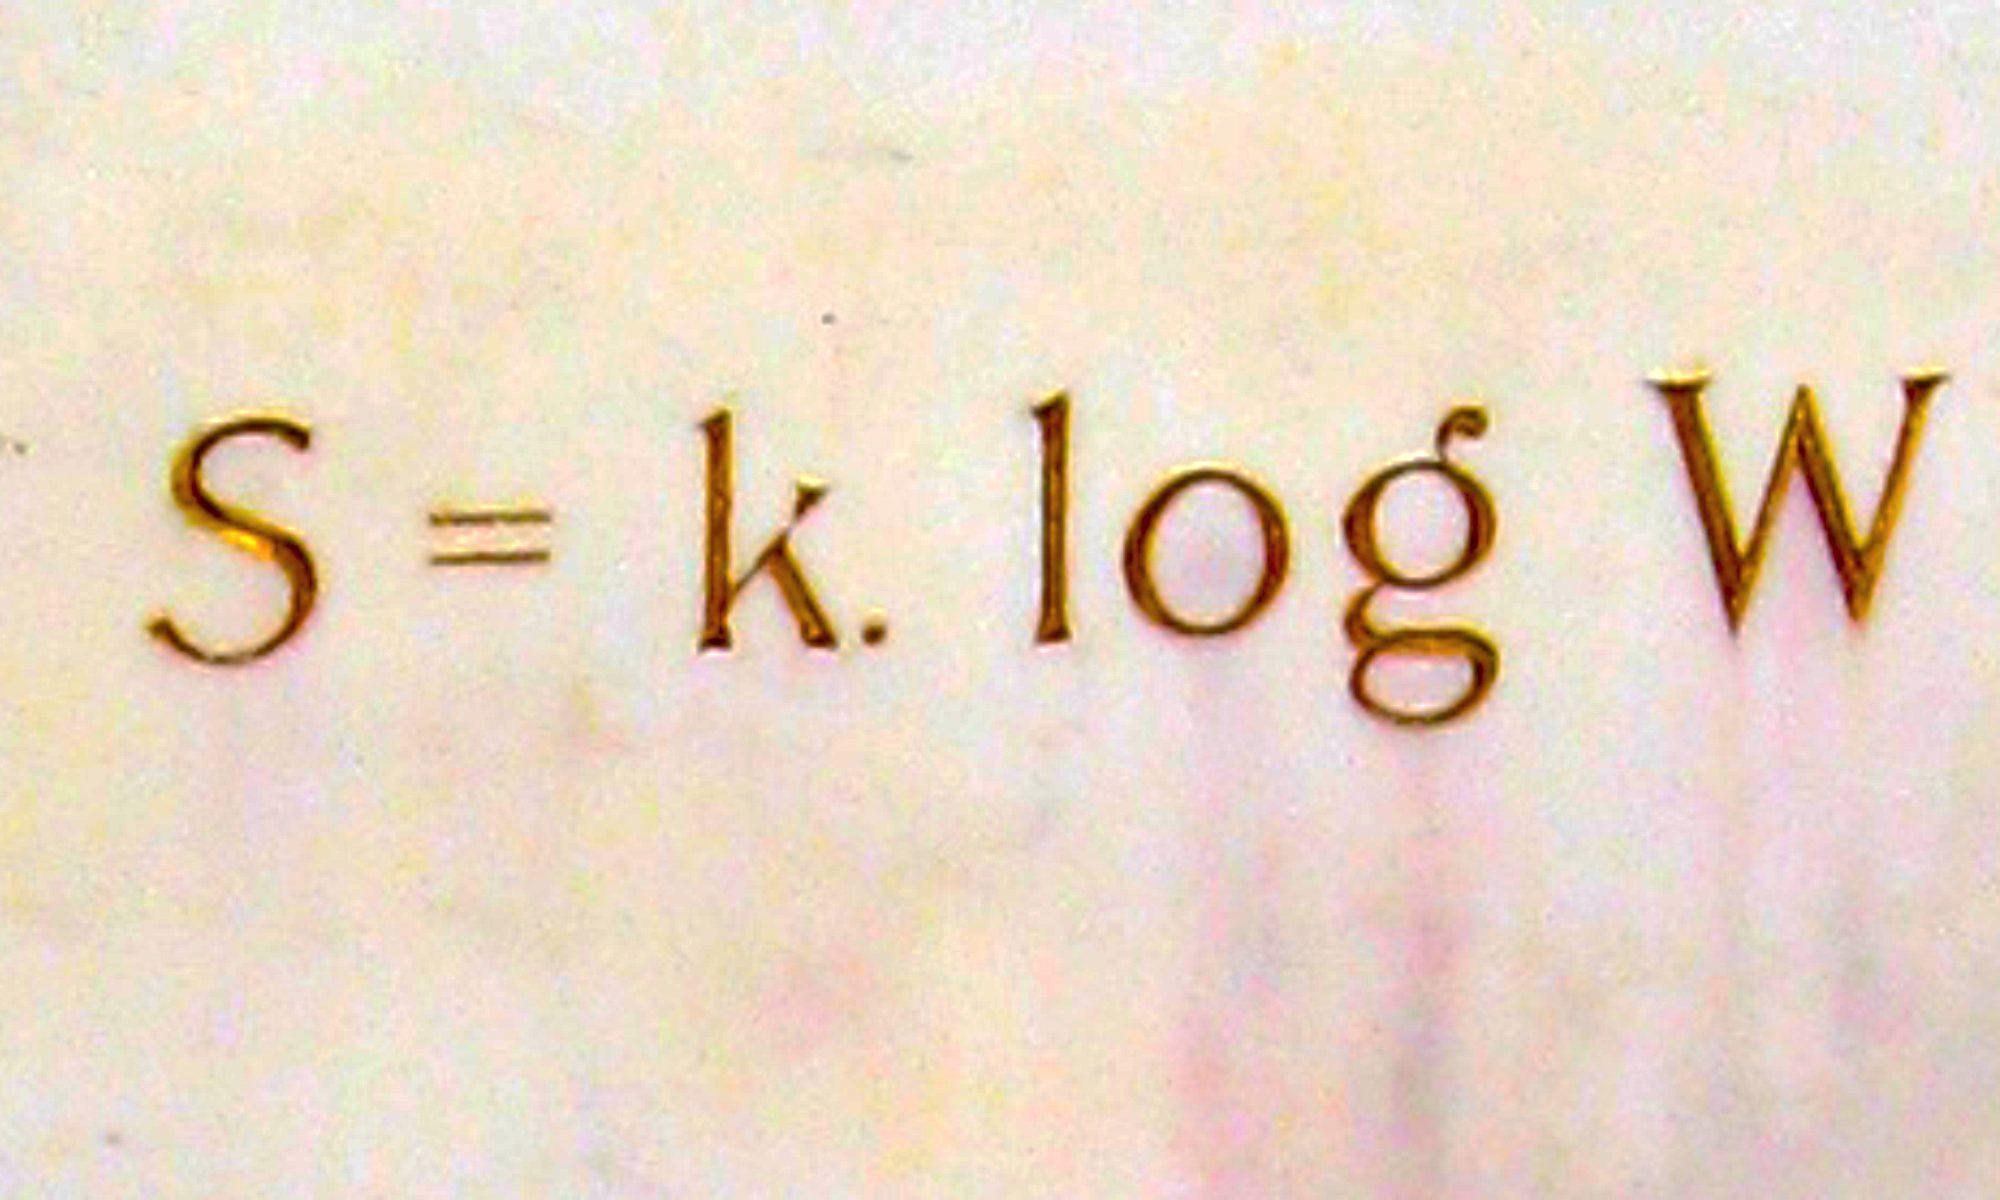 Ludwig Boltzmann S=k log W